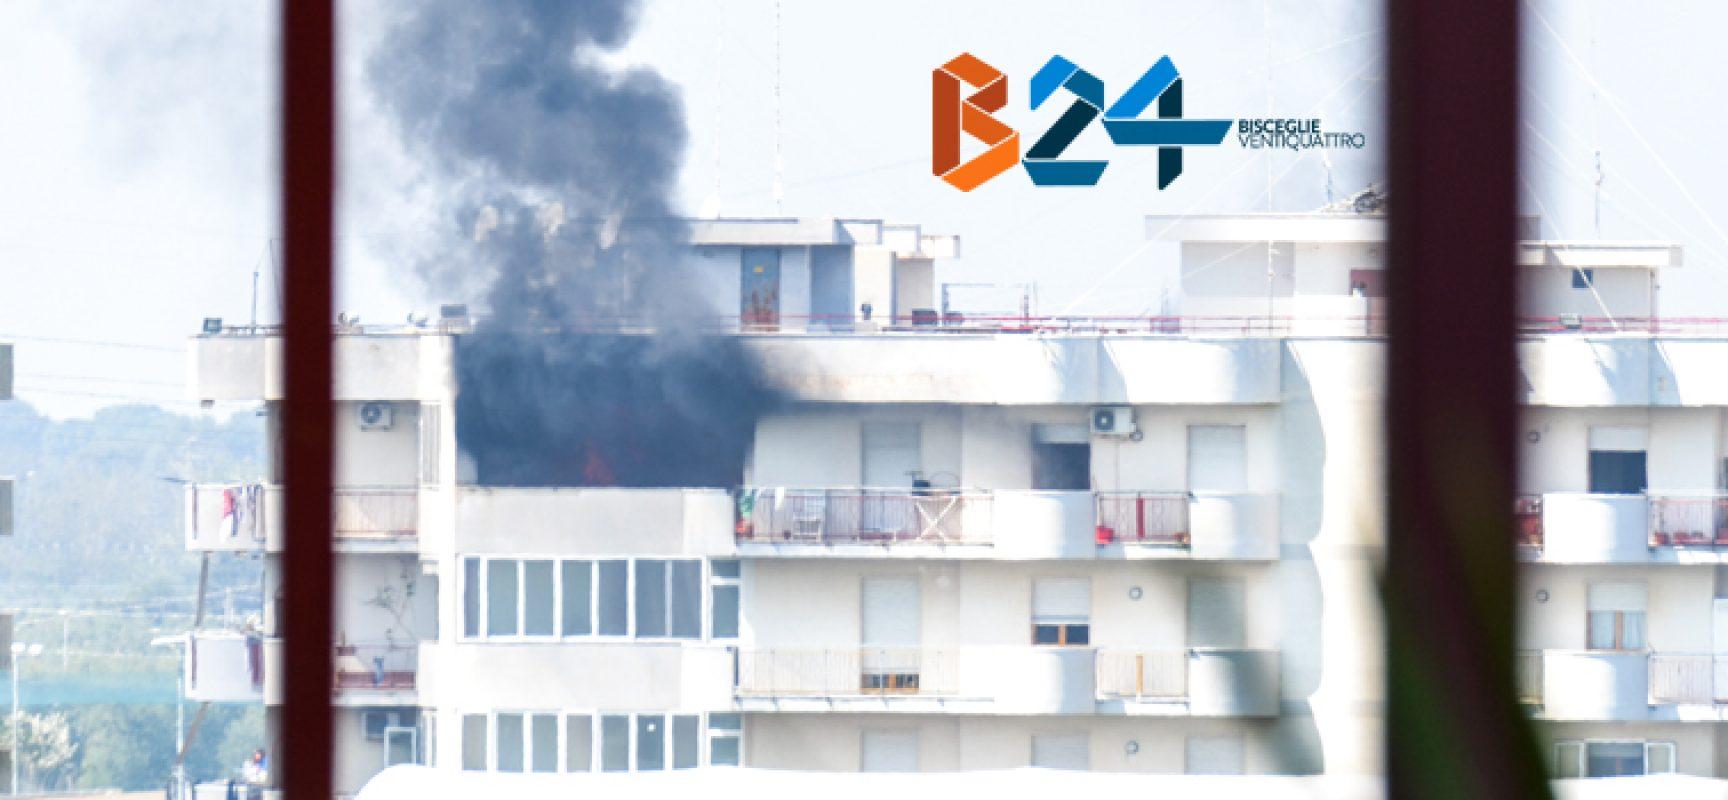 Incendio in un appartamento nel quartiere Sant'Andrea, soccorso 44enne